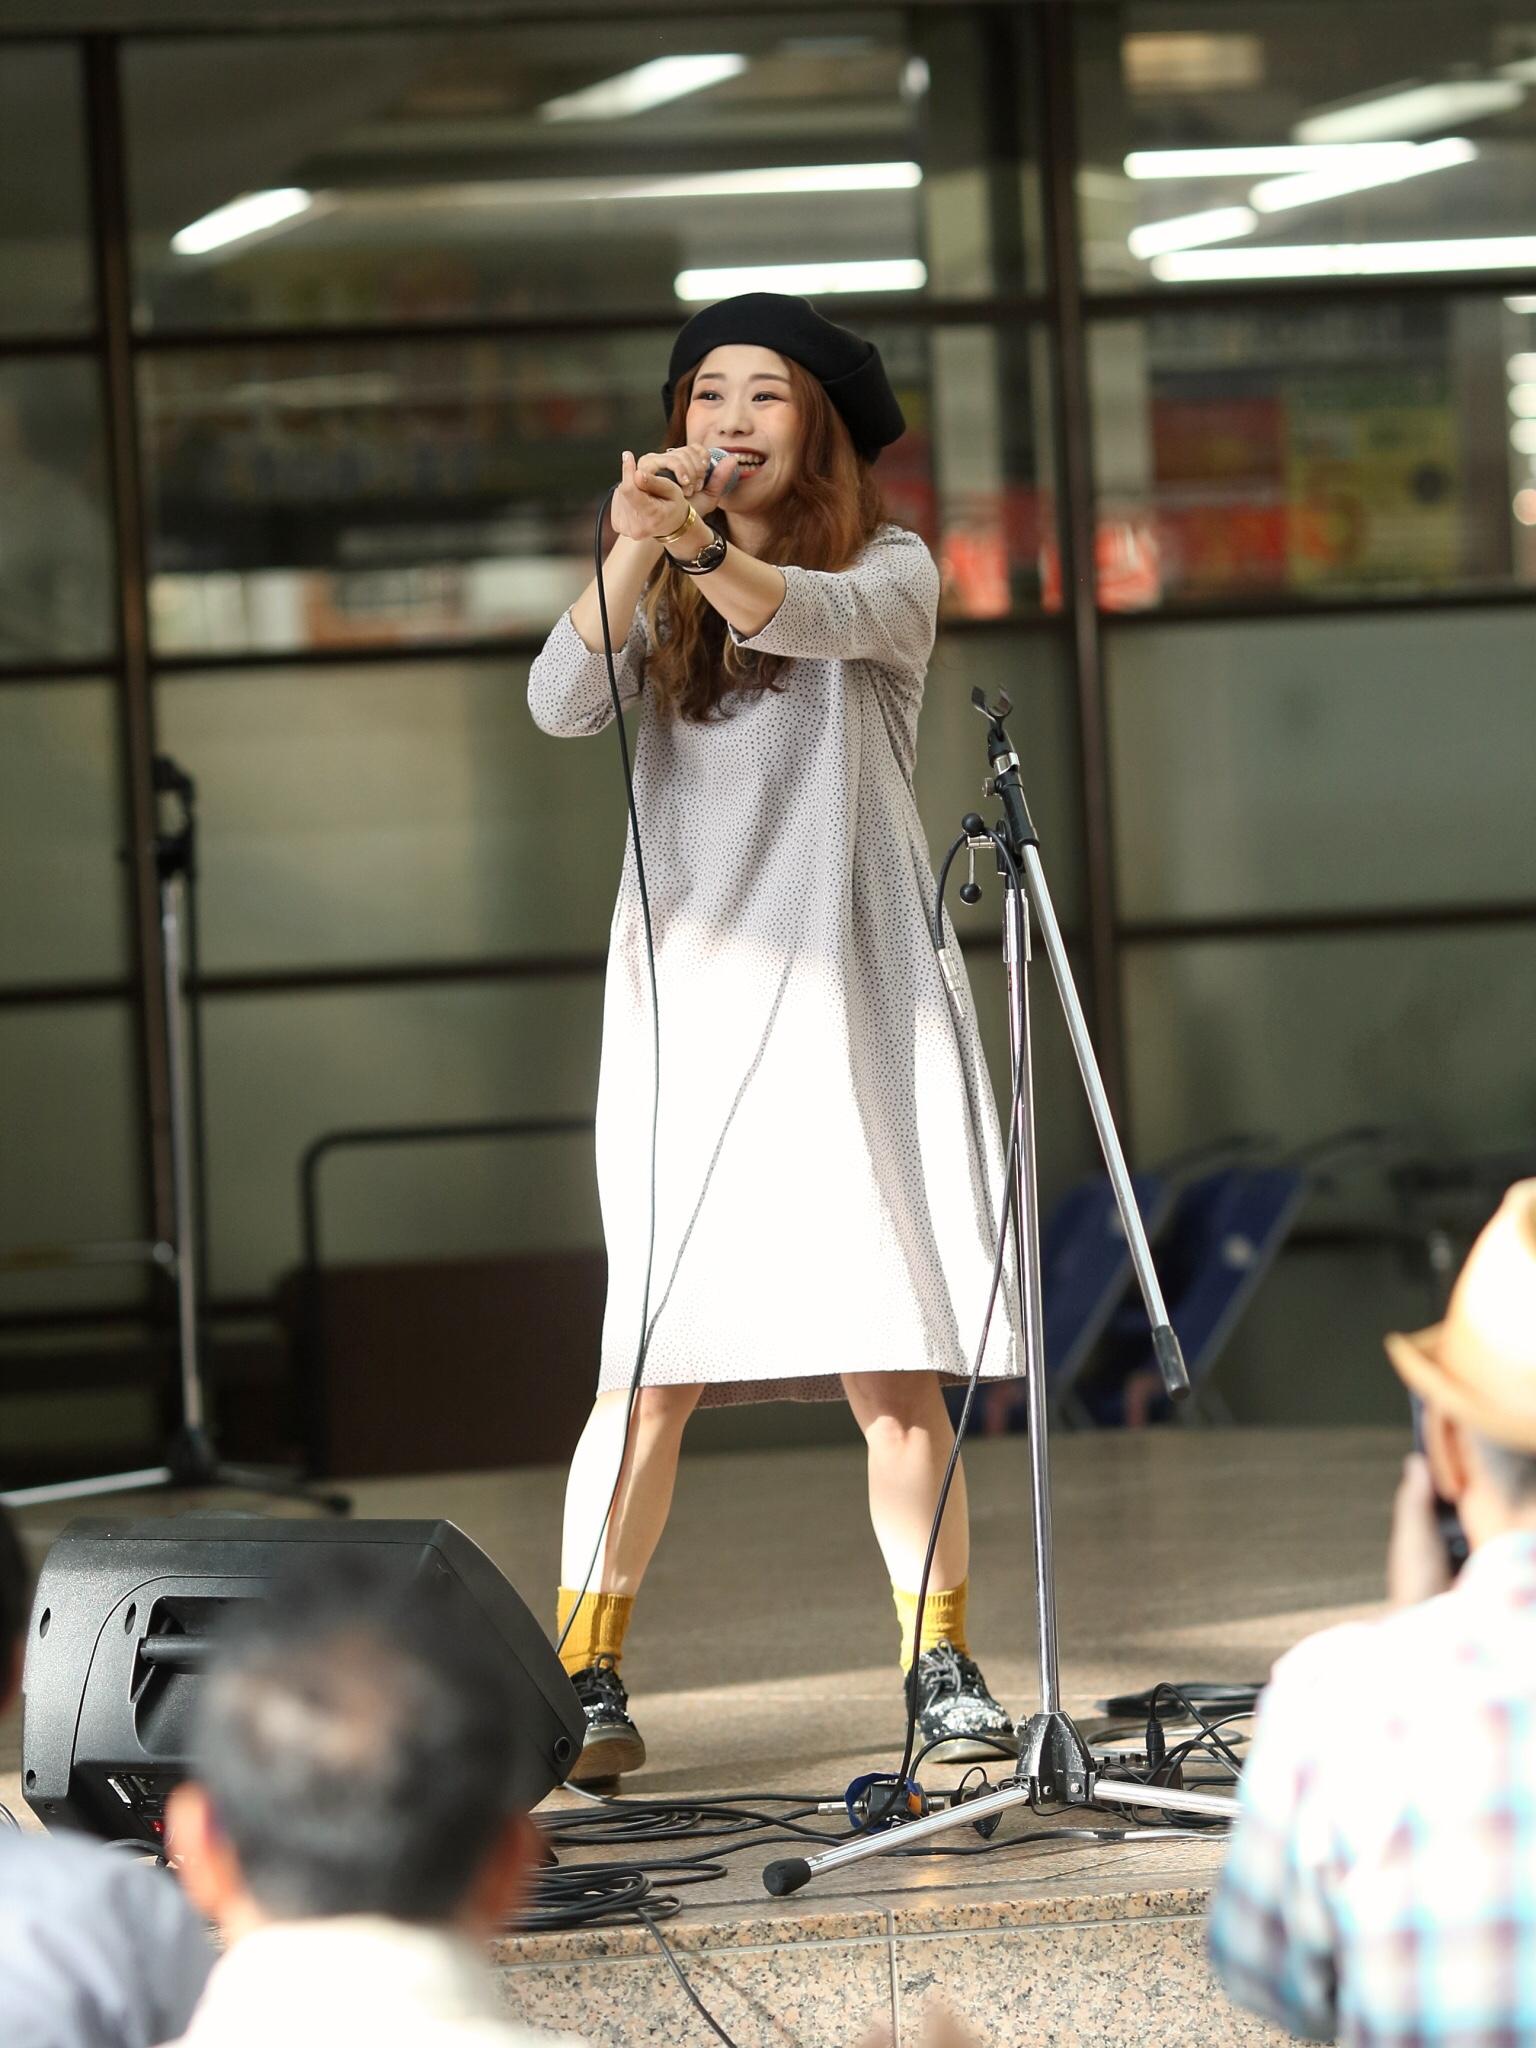 【秋から冬服へ】シンガーソングライターうたうゆきこのLive photo【ファッション】_1